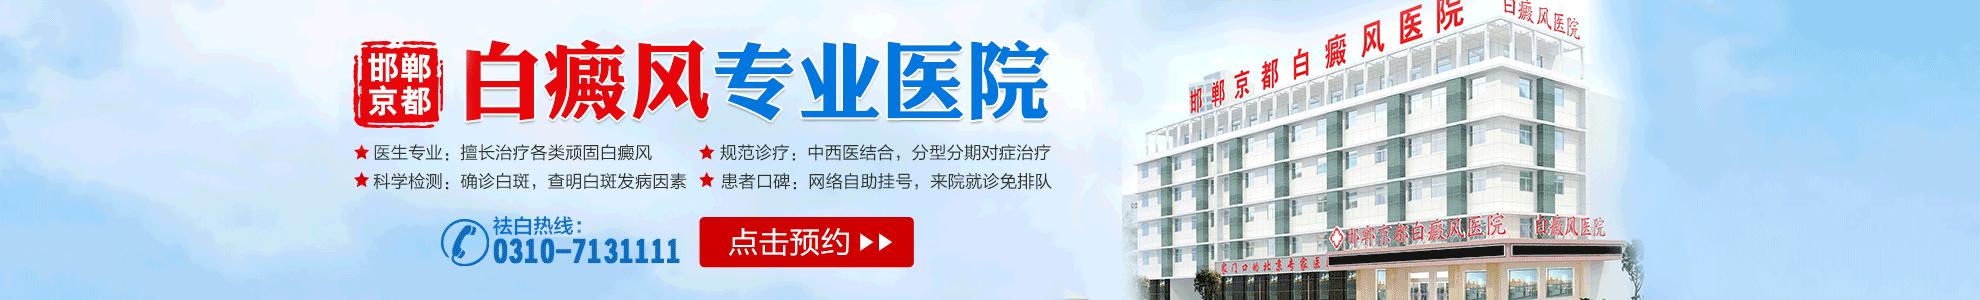 鹤壁白癜风医院